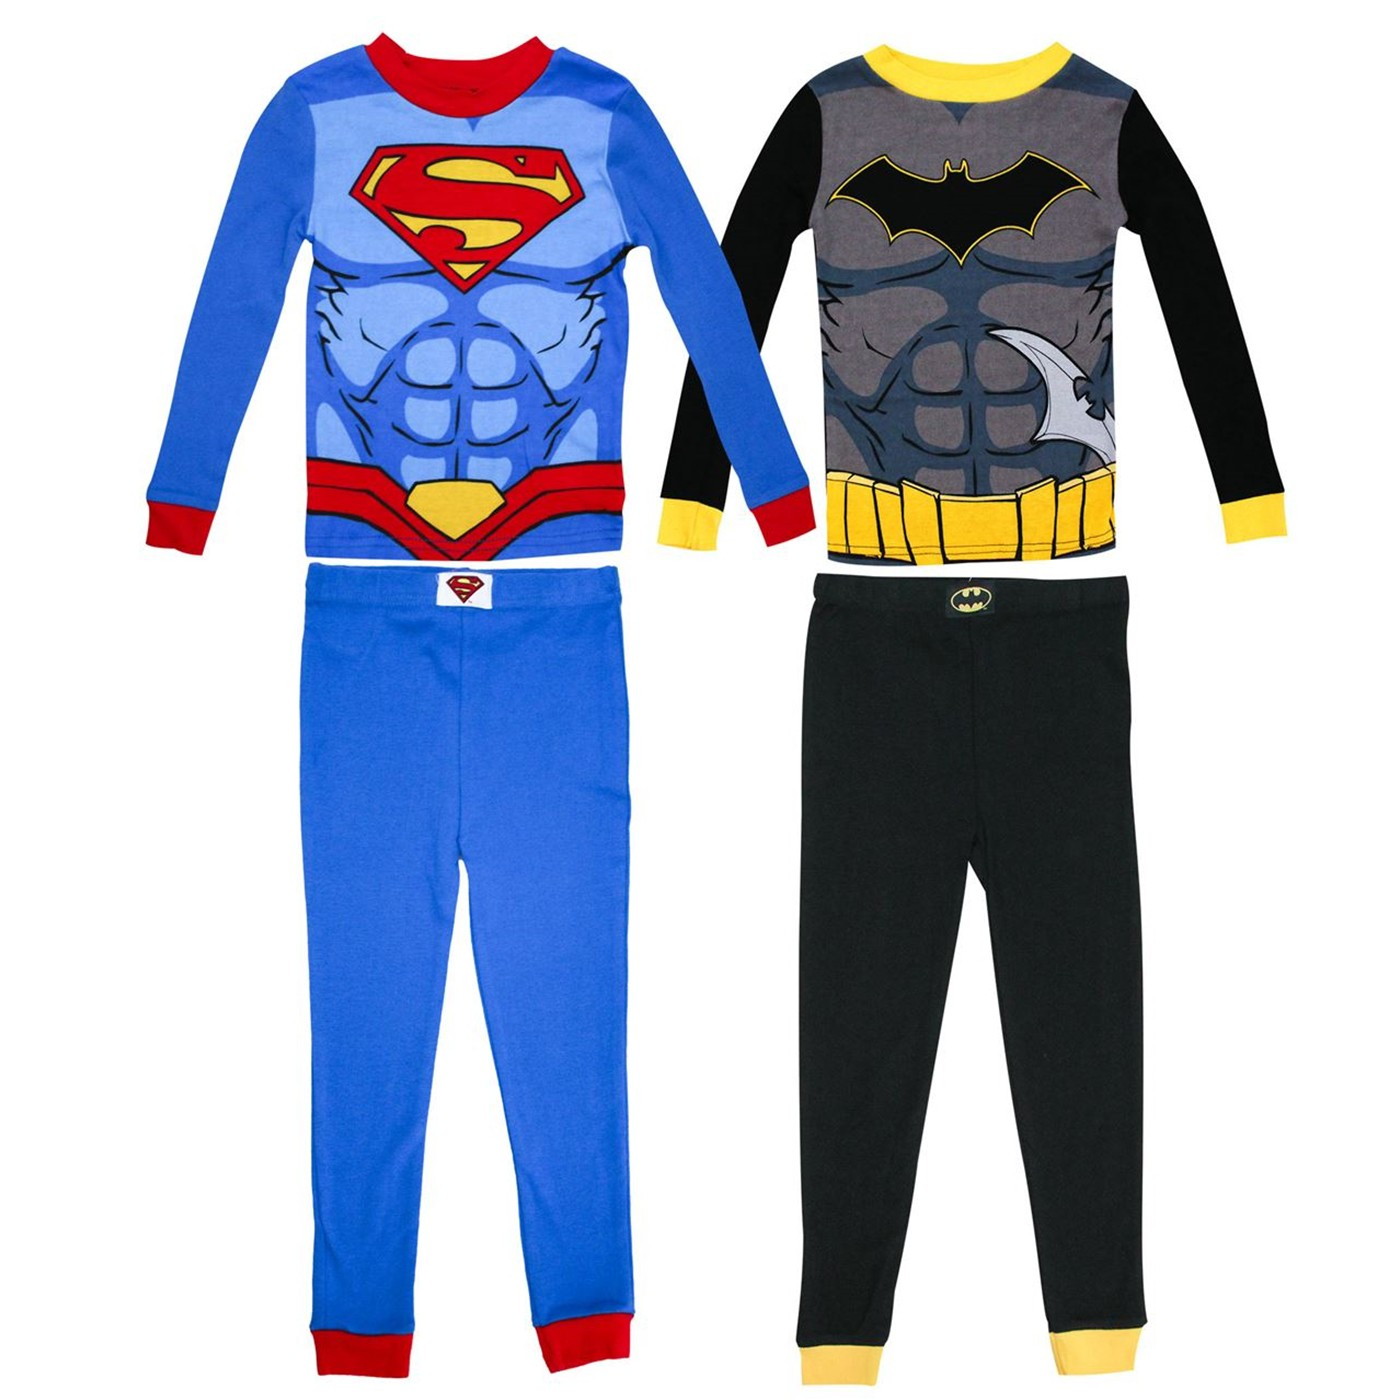 Batman & Superman Costume 4 Pc Pajama Set